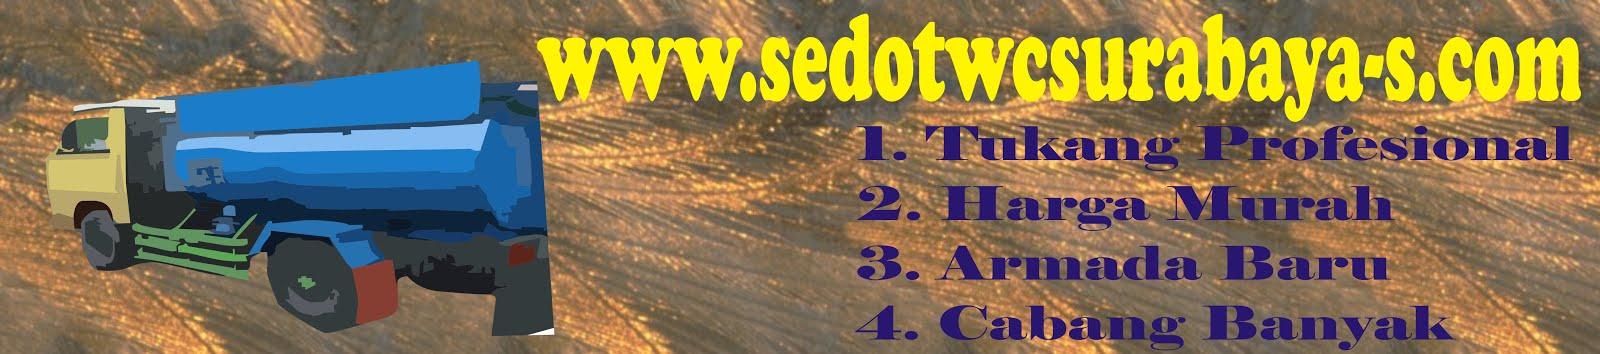 SEDOT WC SURABAYA #1